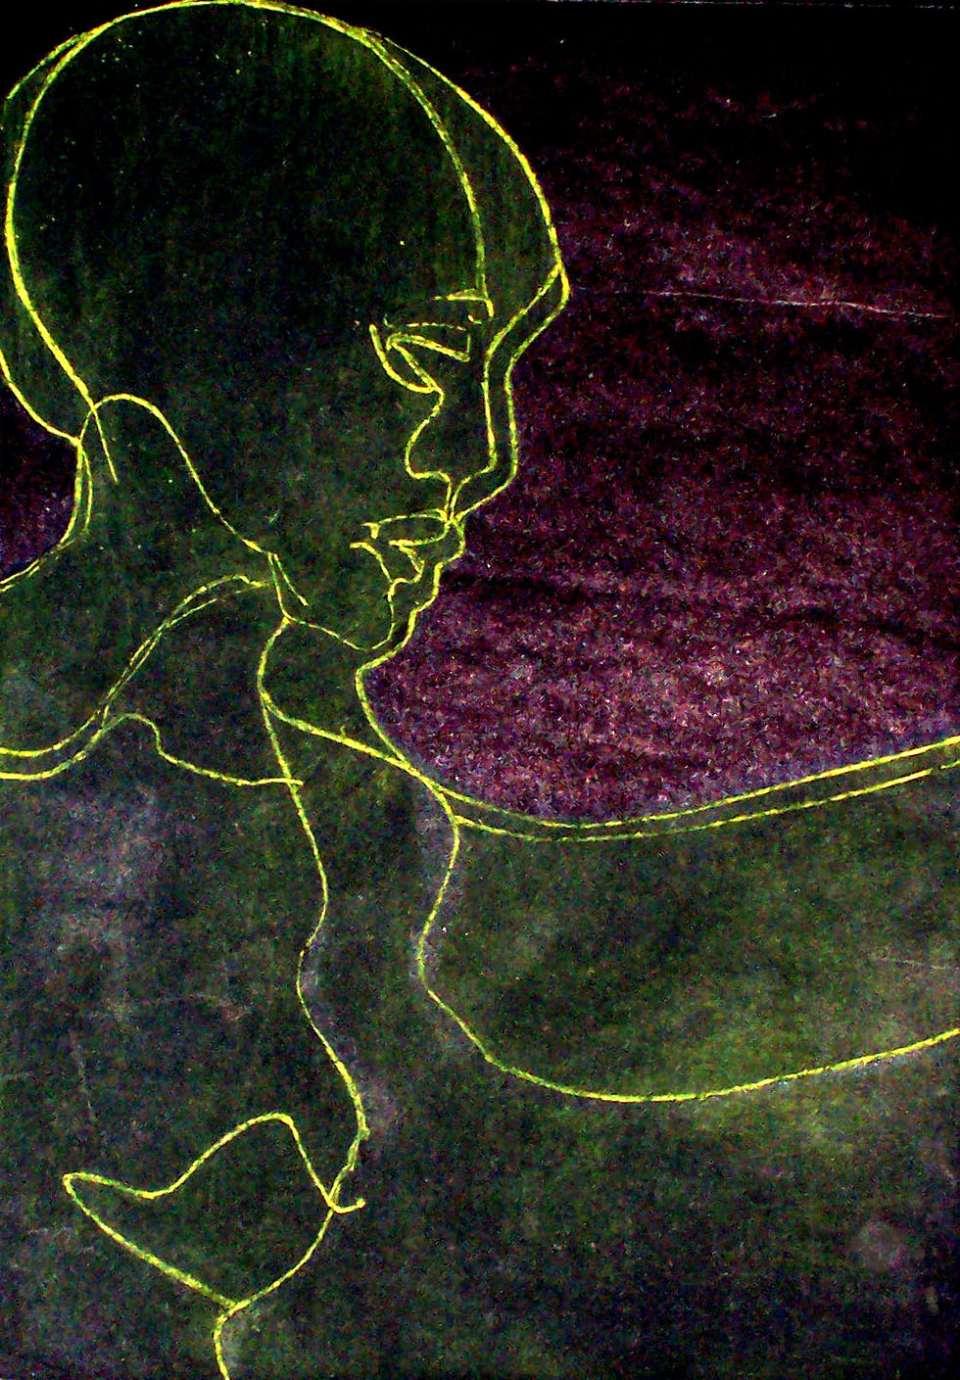 """1 wspomnienie joanna slupska maron grafika 30x40 cm """"Ulotność"""" Joanny Słupskiej-Maron graficznym obrazem teatru tańca"""